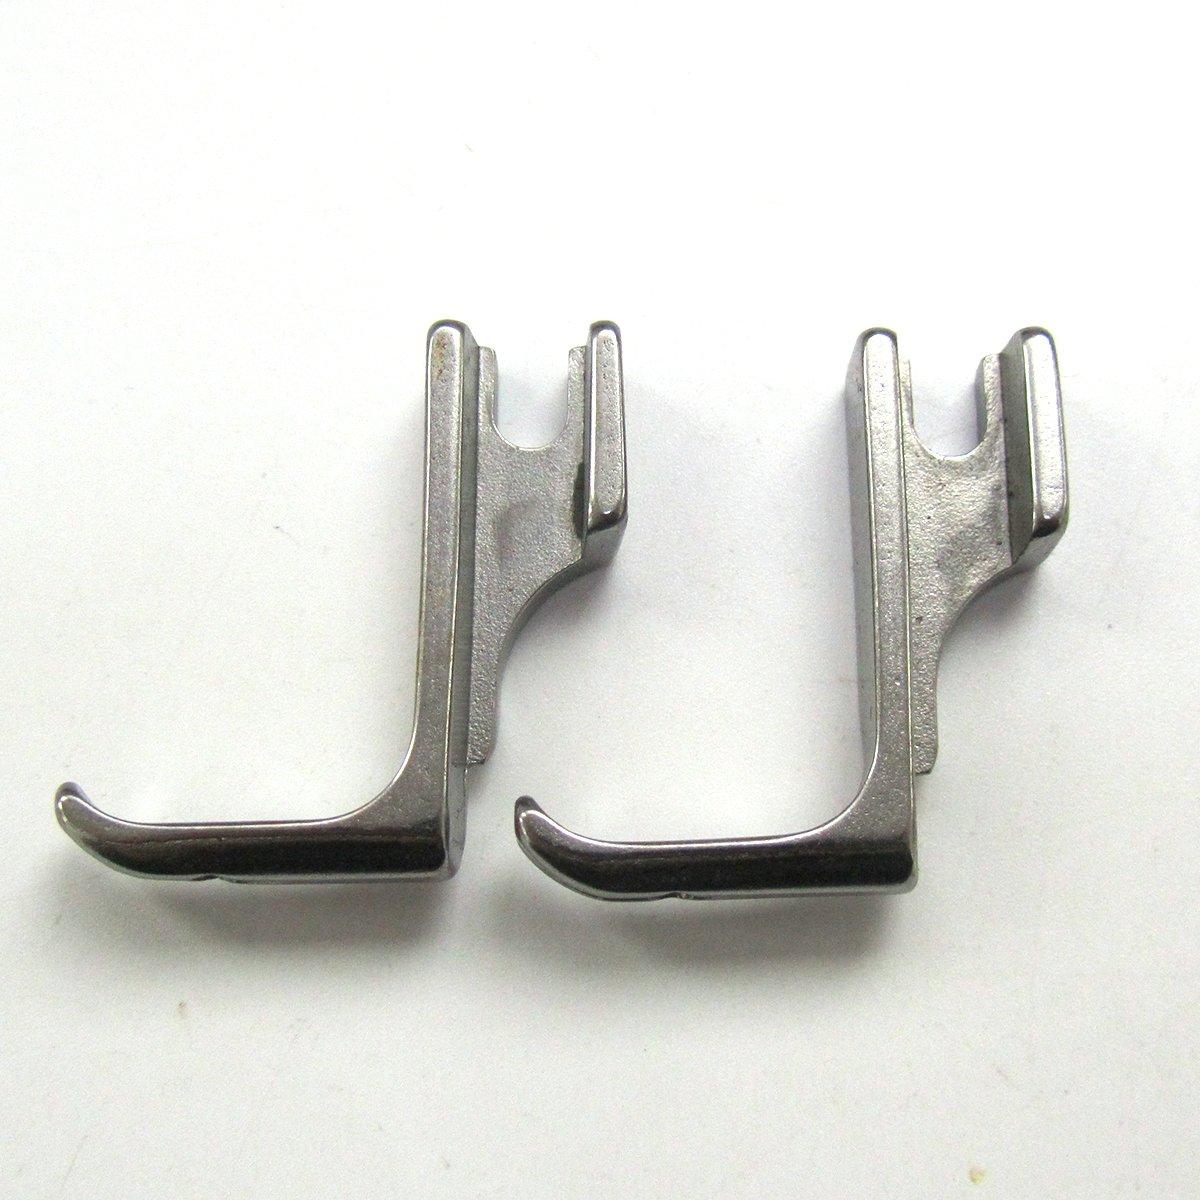 kunpeng pie prensatelas con largo de terciopelo - Puntera Para alta vástago máquina de coser # s531l (2 pcs): Amazon.es: Hogar